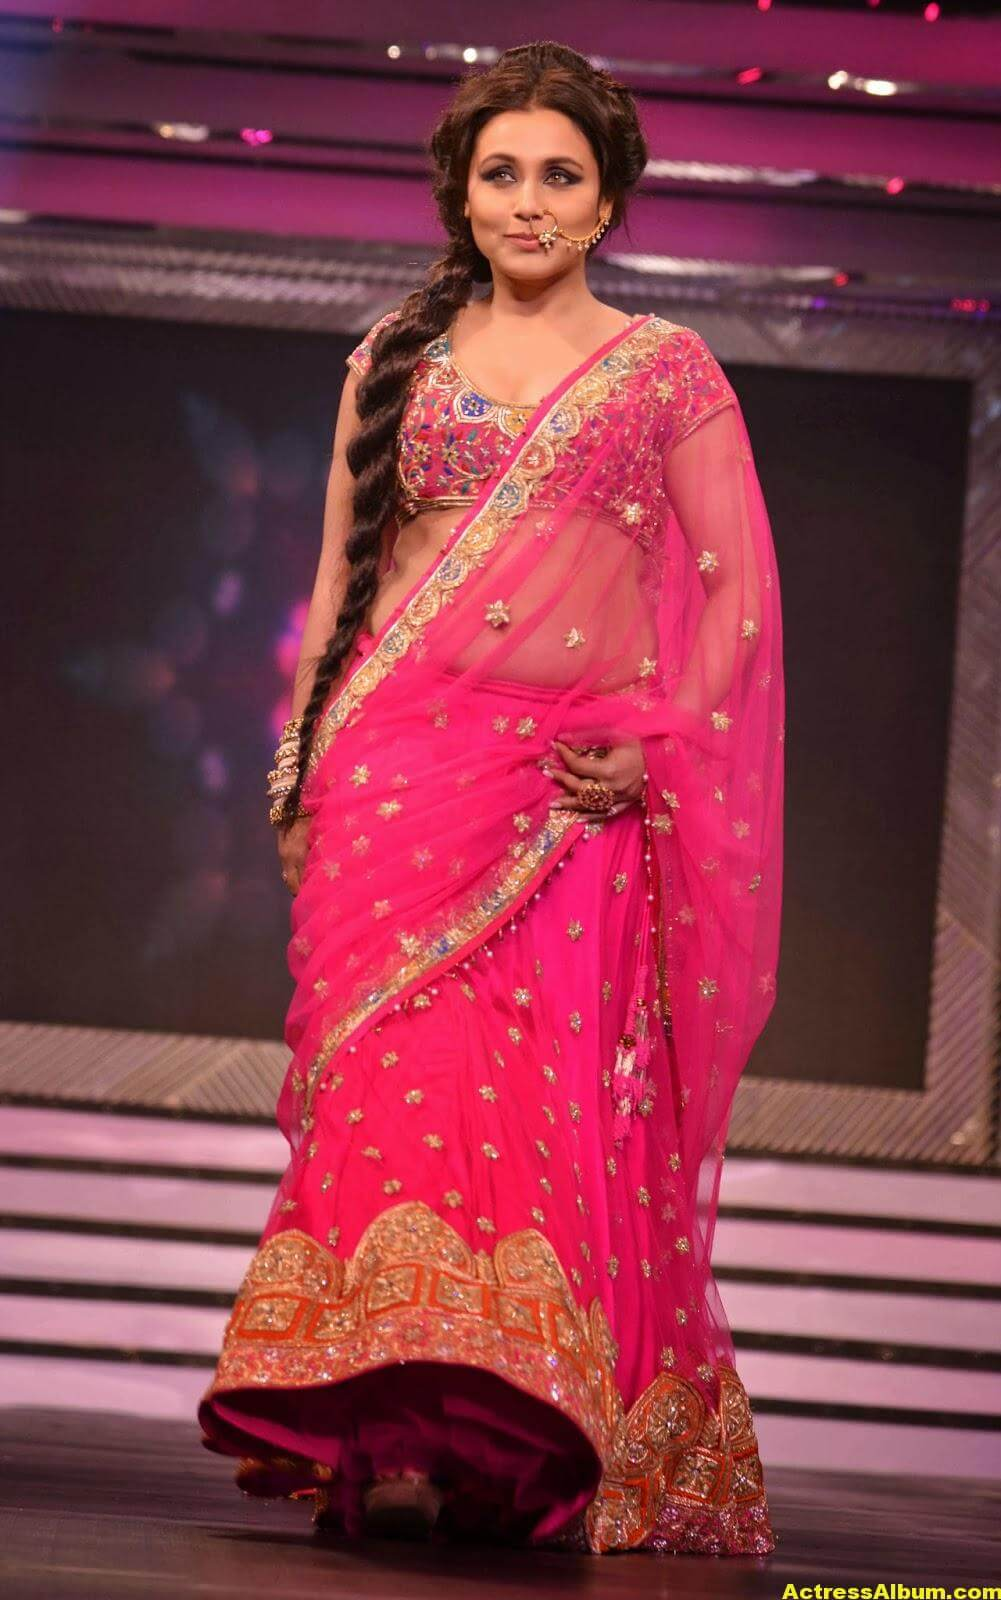 Rani Mukerji Latest Hot Photos In Pink Half Saree 1